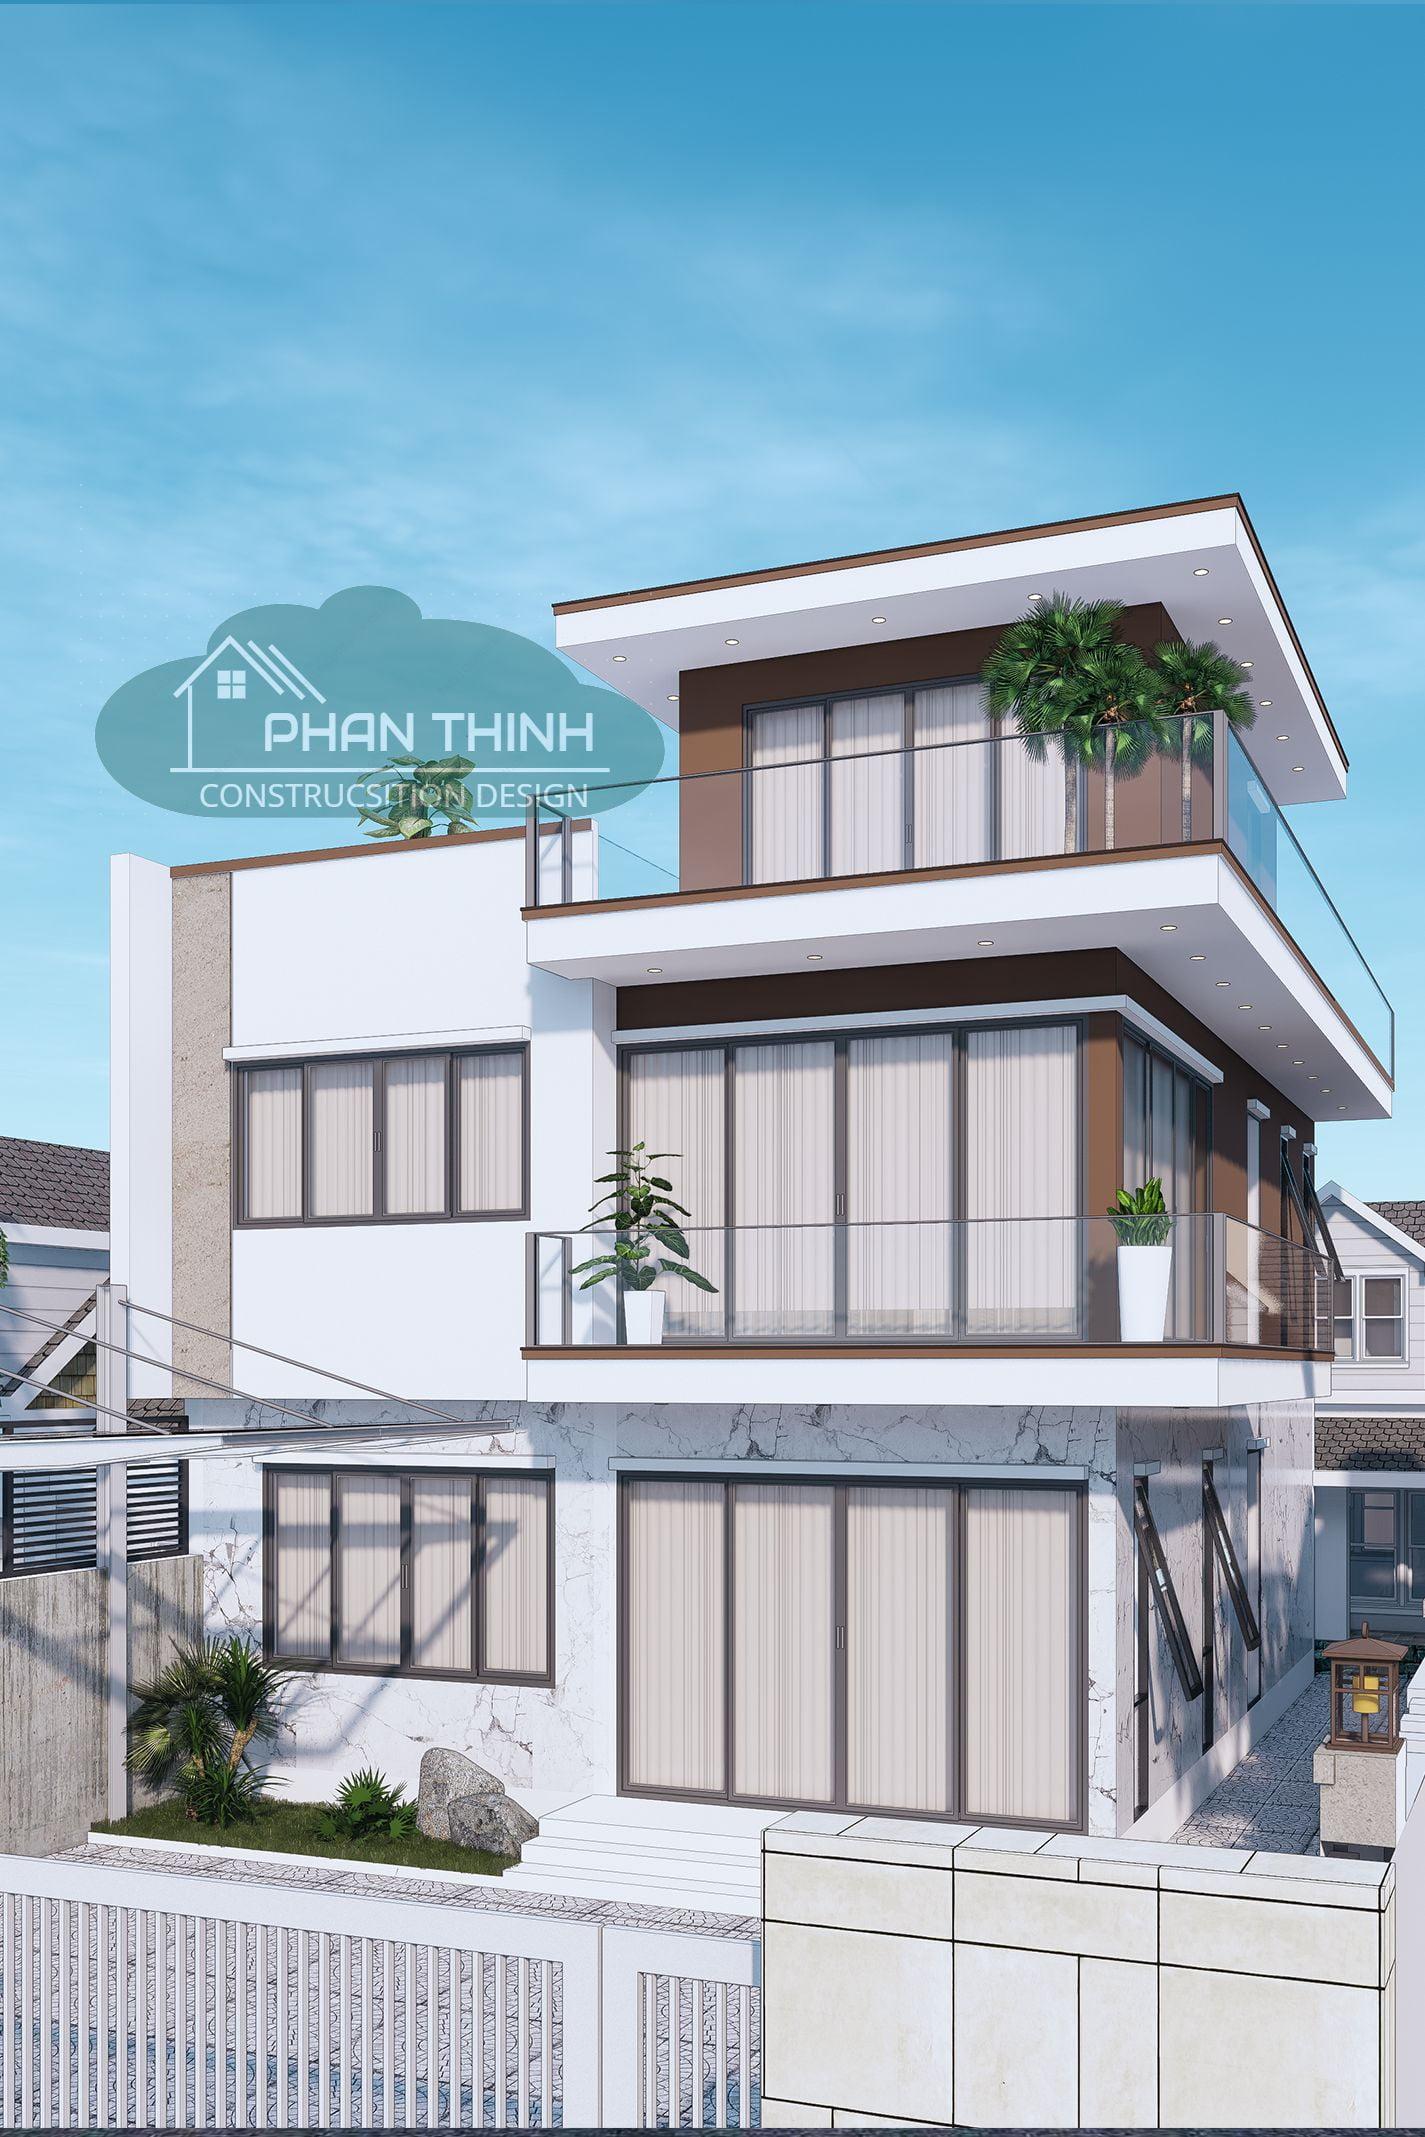 Phối cảnh biệt thự đẹp ở Quảng Ninh